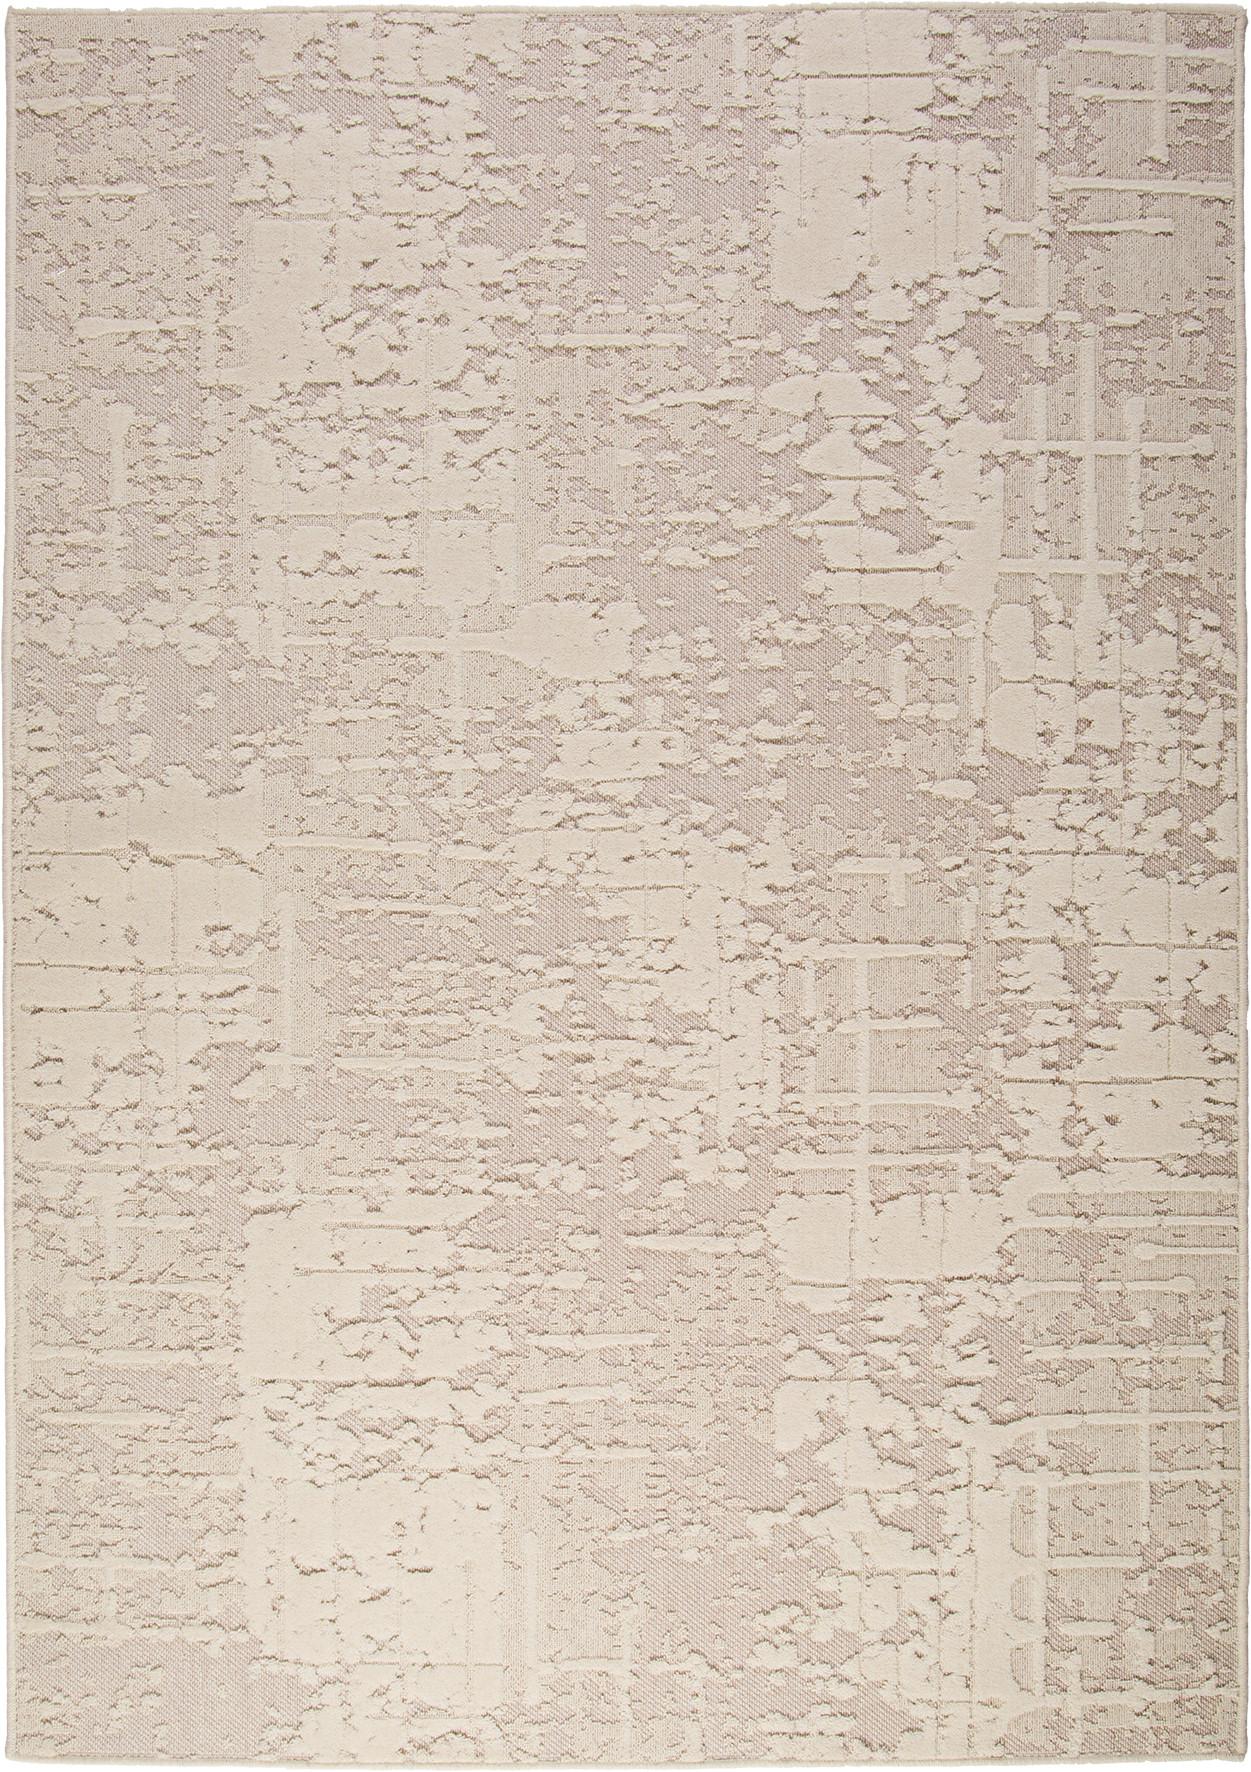 Obsession koberce Kusový koberec Espen 460 Ivory - 80x150 cm Expres